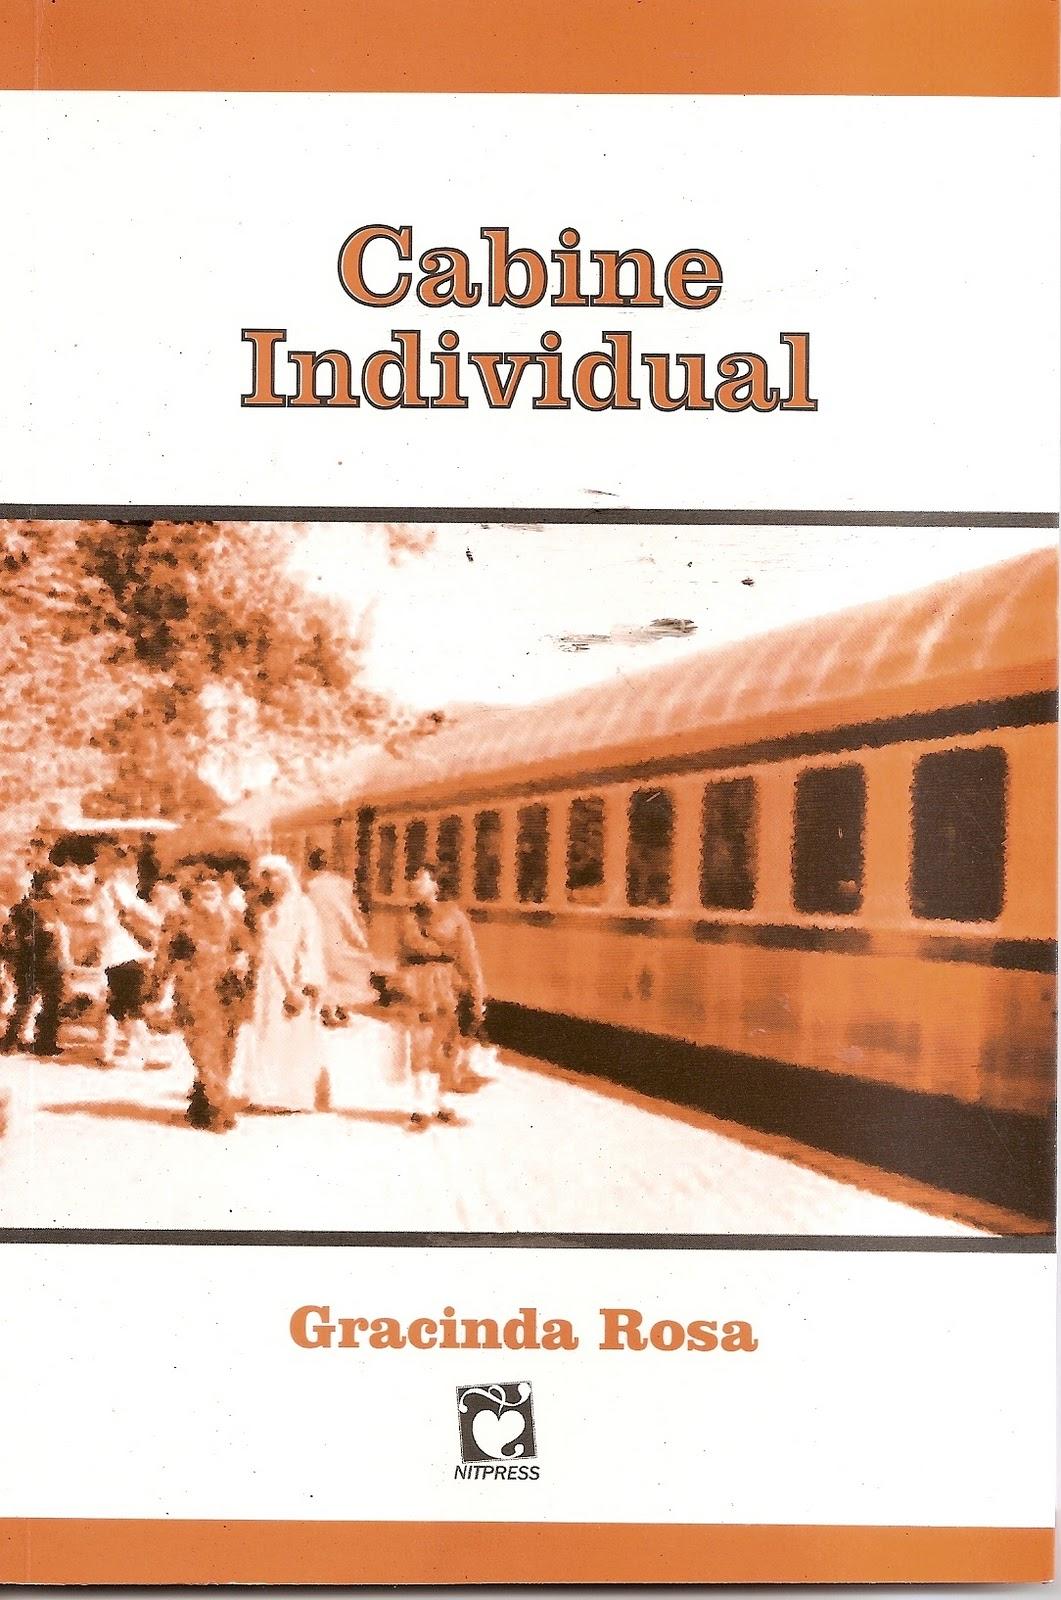 """Estamos lendo: """"Cabine individual"""" de Gracinda Rosa"""